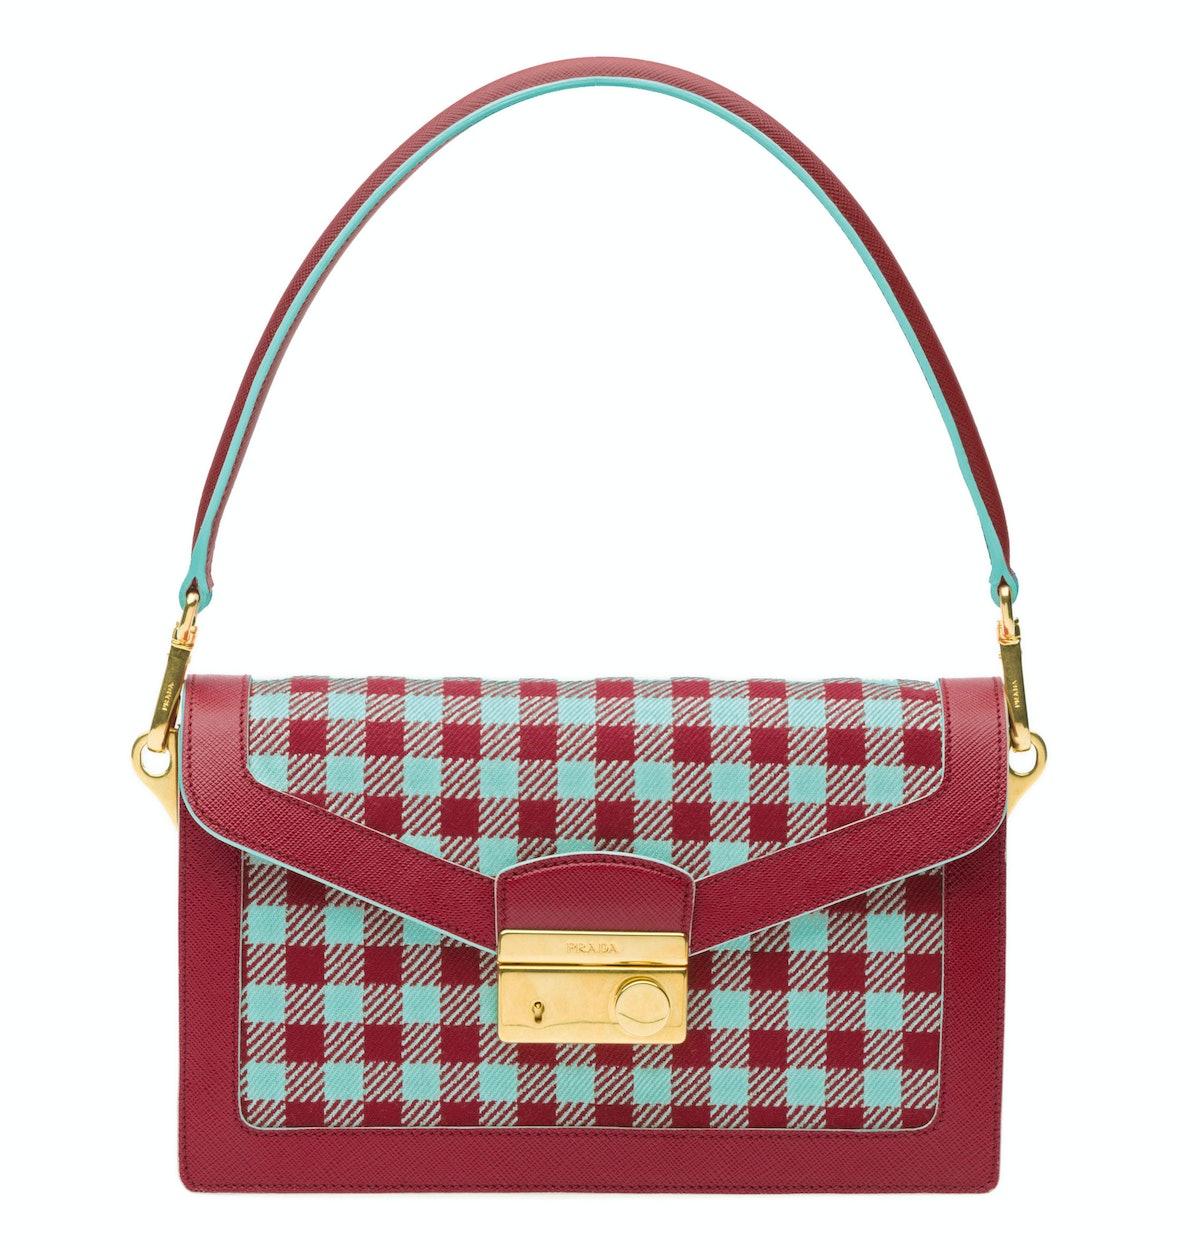 Prada bag, $1,650, [prada.com](http://store.prada.com/en/US/mini-bags/mini-bags).